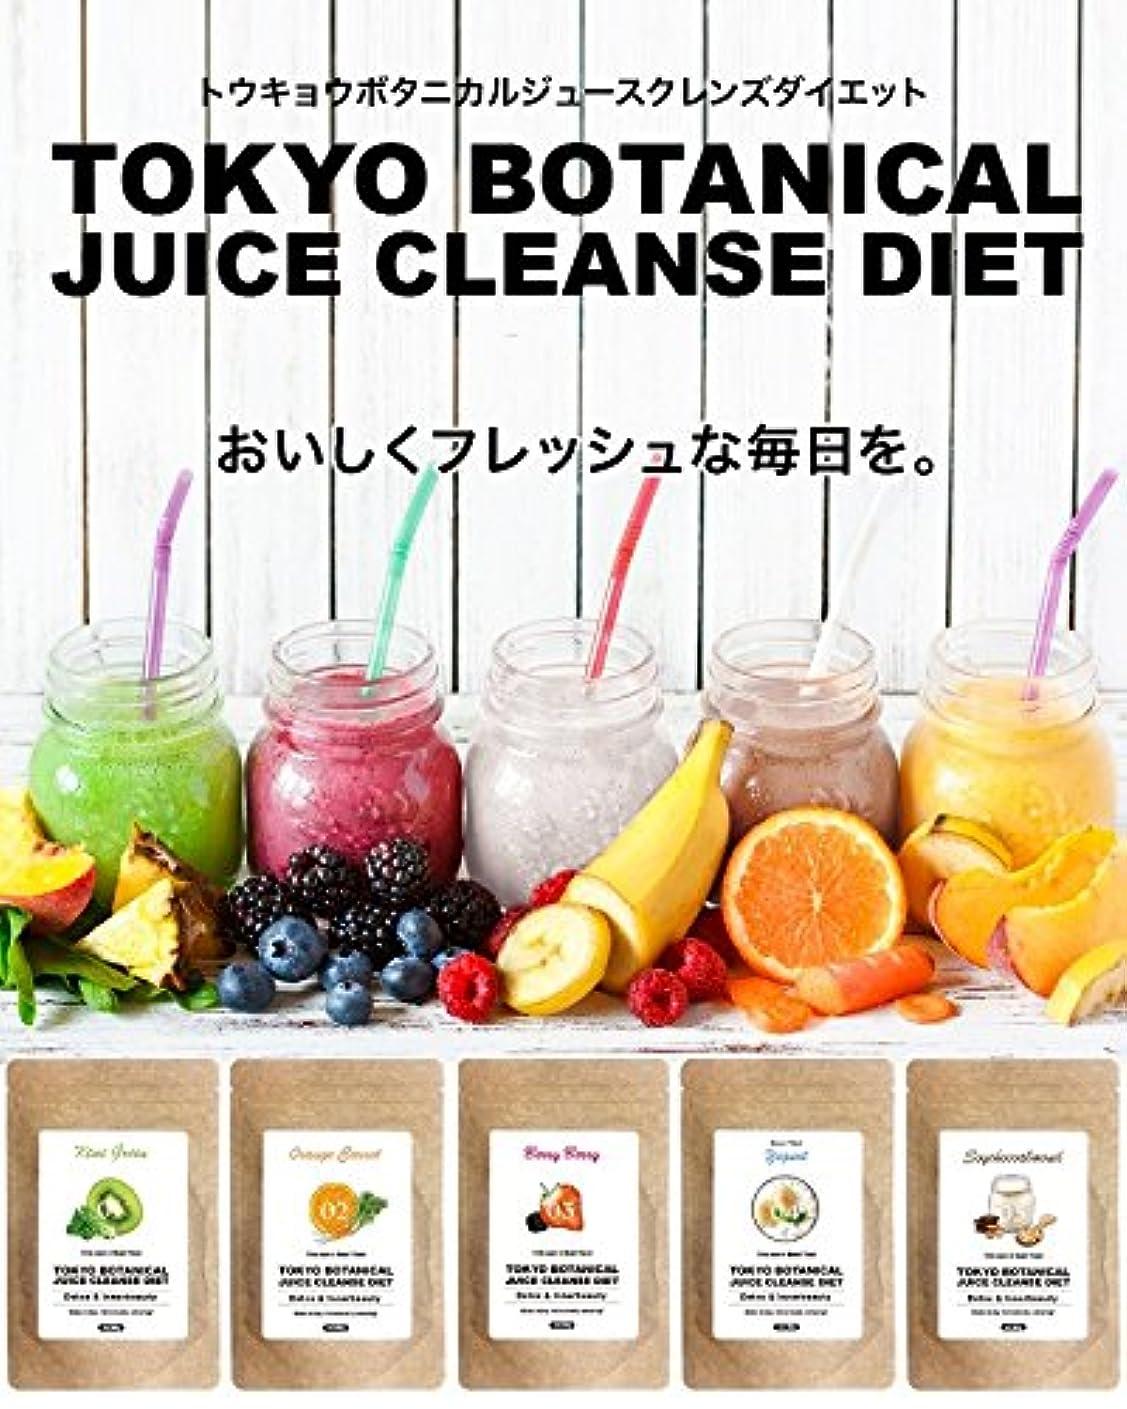 無意味着るプレート東京ボタニカルジュースクレンズダイエット  ベリーベリー&ソイチョコアーモンドセット